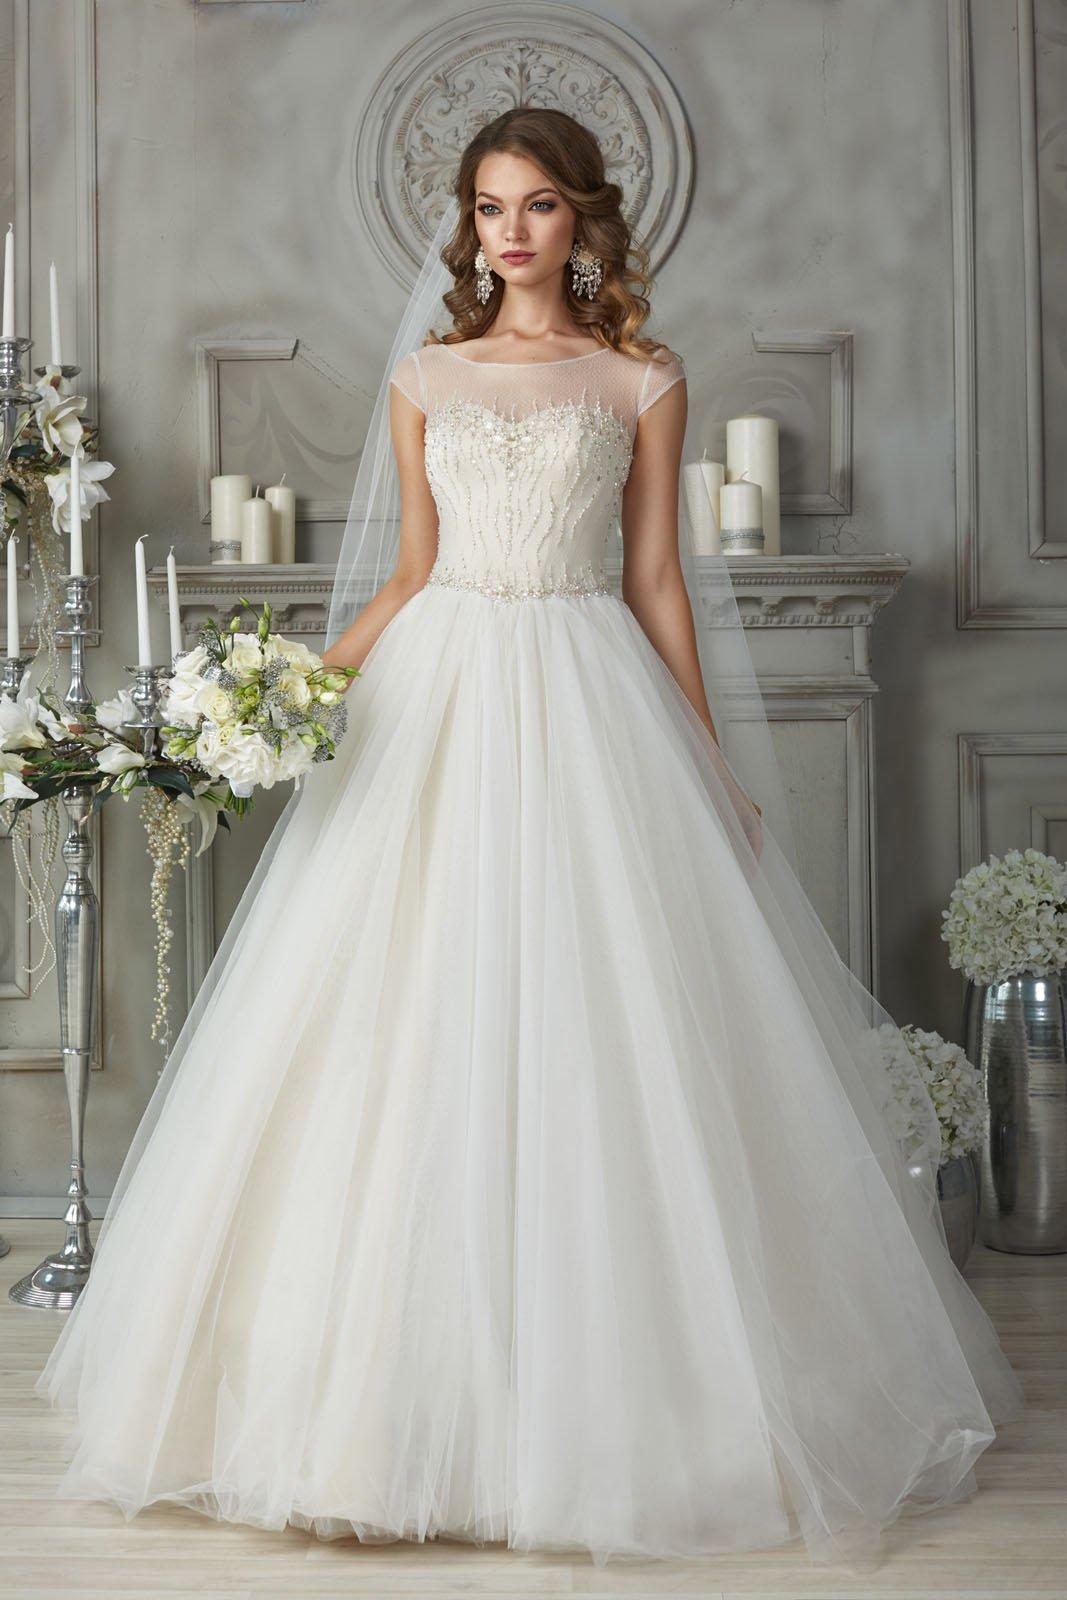 Свадебное платье с коротким рукавом и вышивкой на лифе.